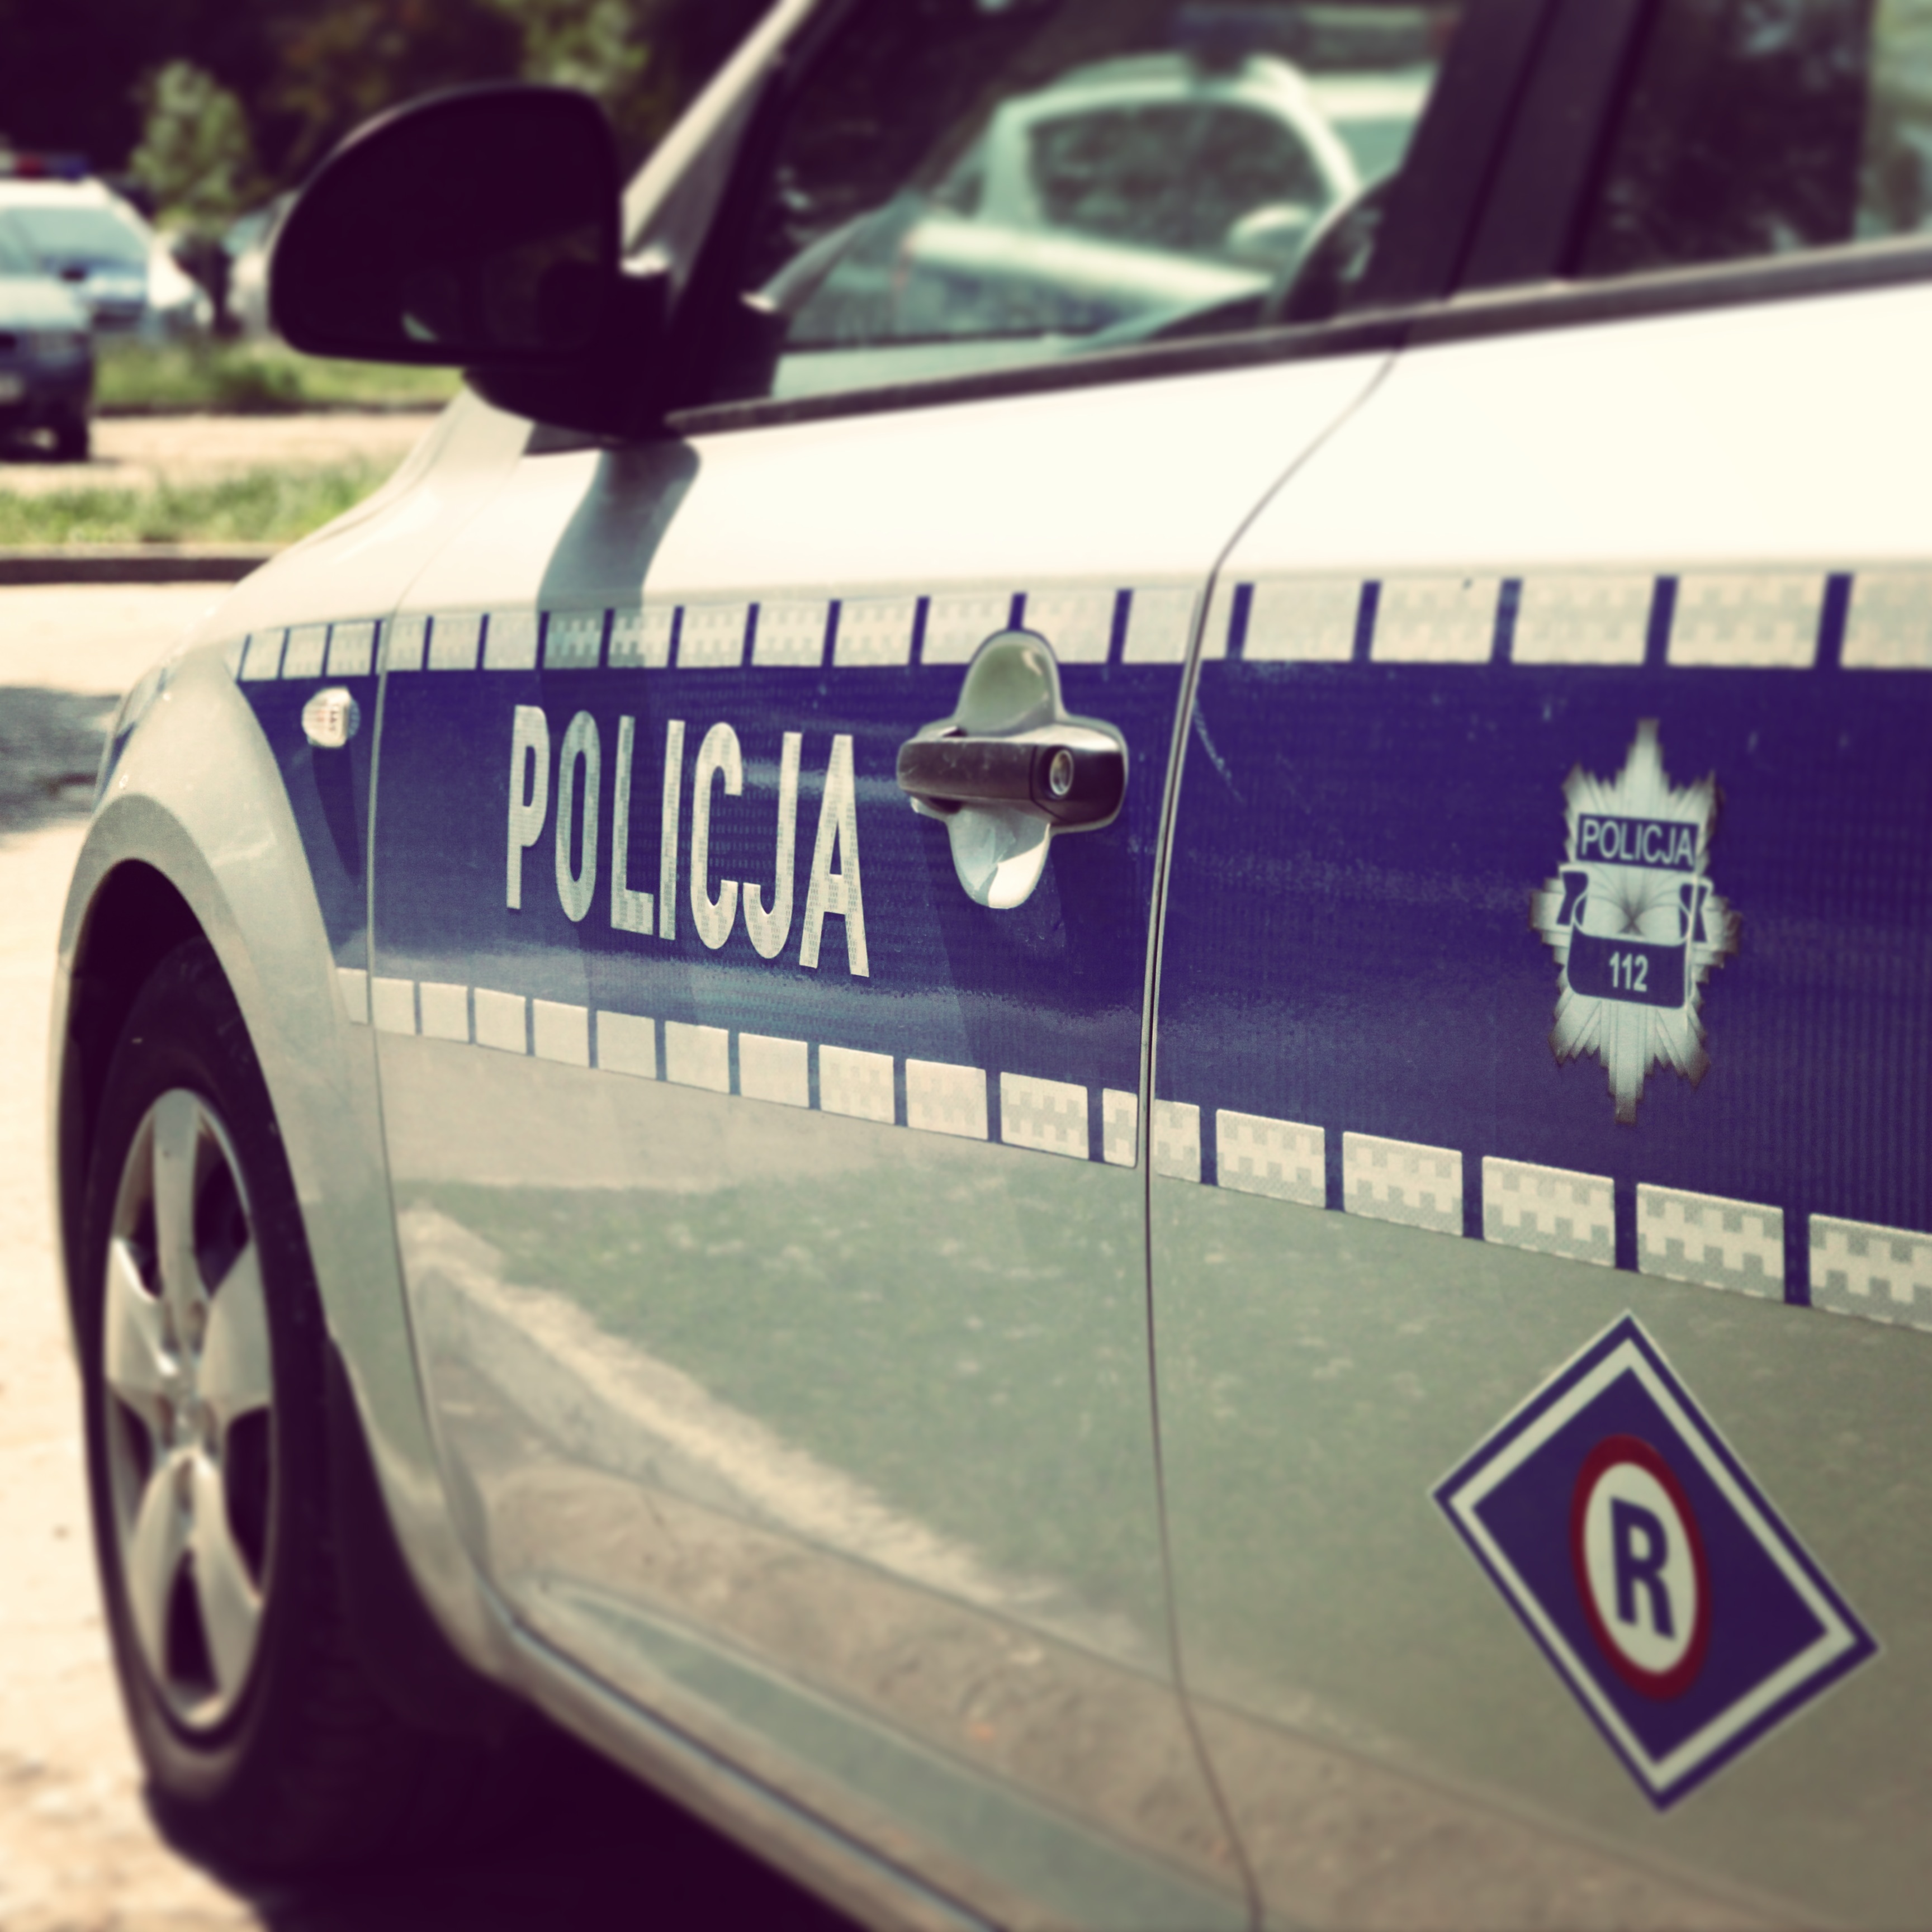 Policyjny weekend - 3 wypadki i 15 kolizji